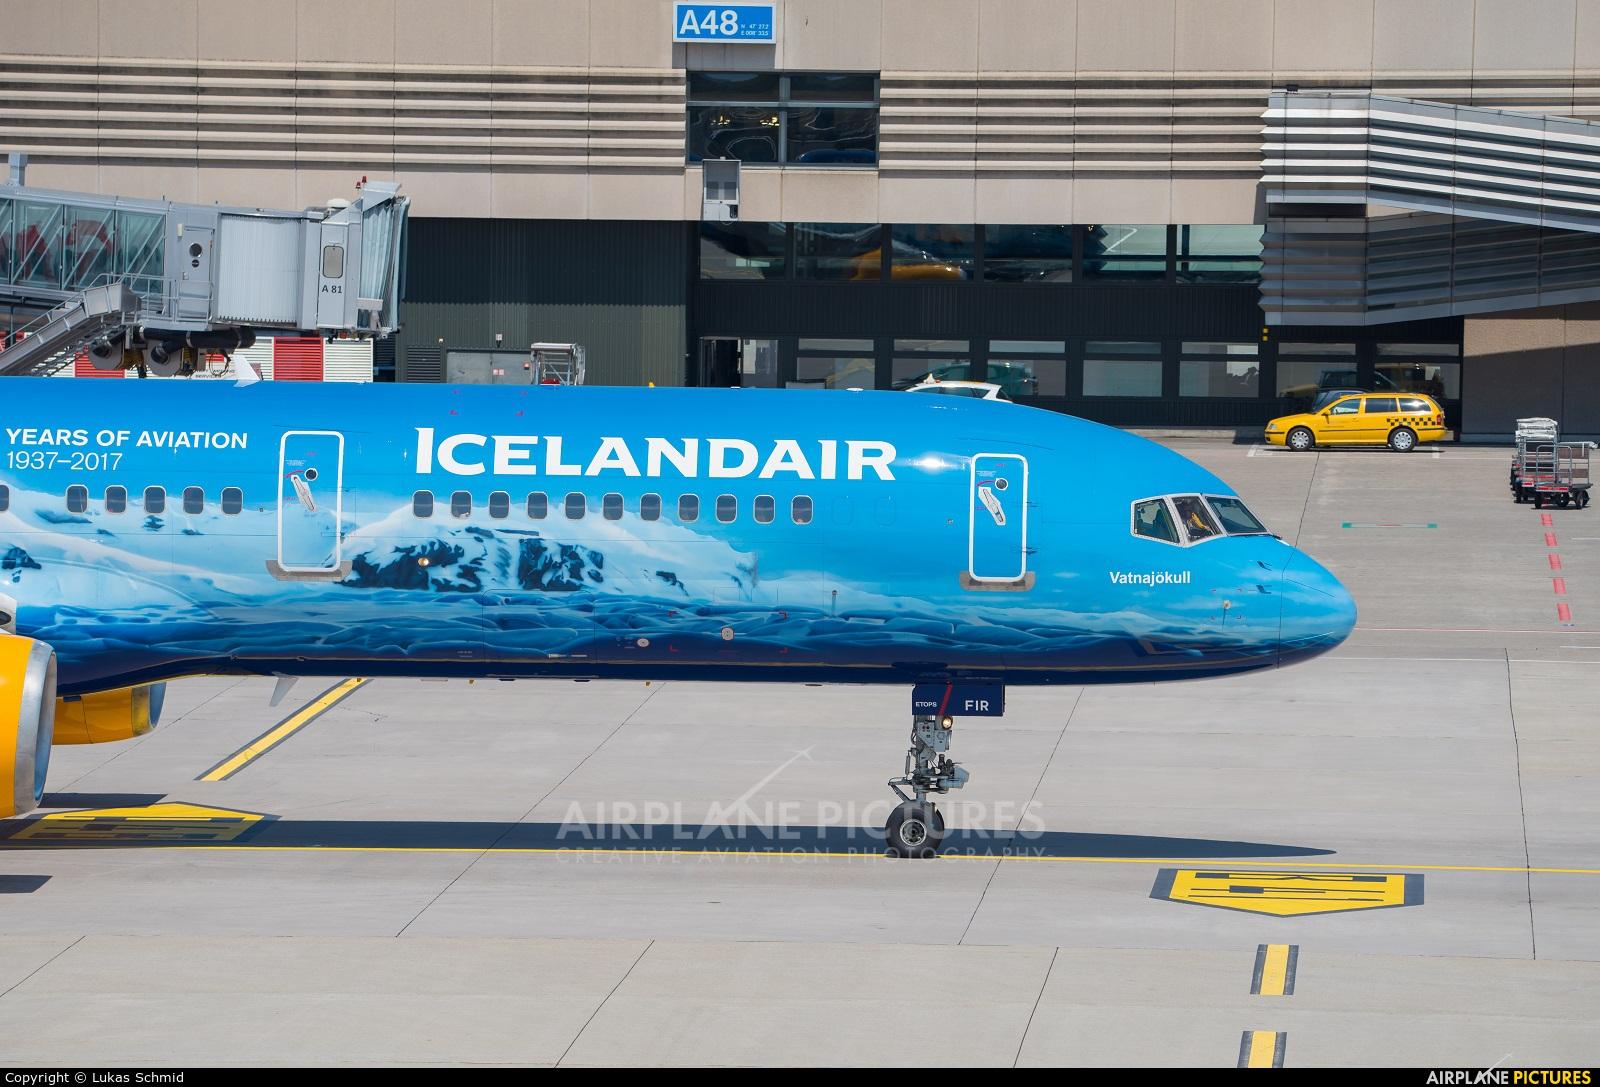 Icelandair TF-FIR aircraft at Zurich